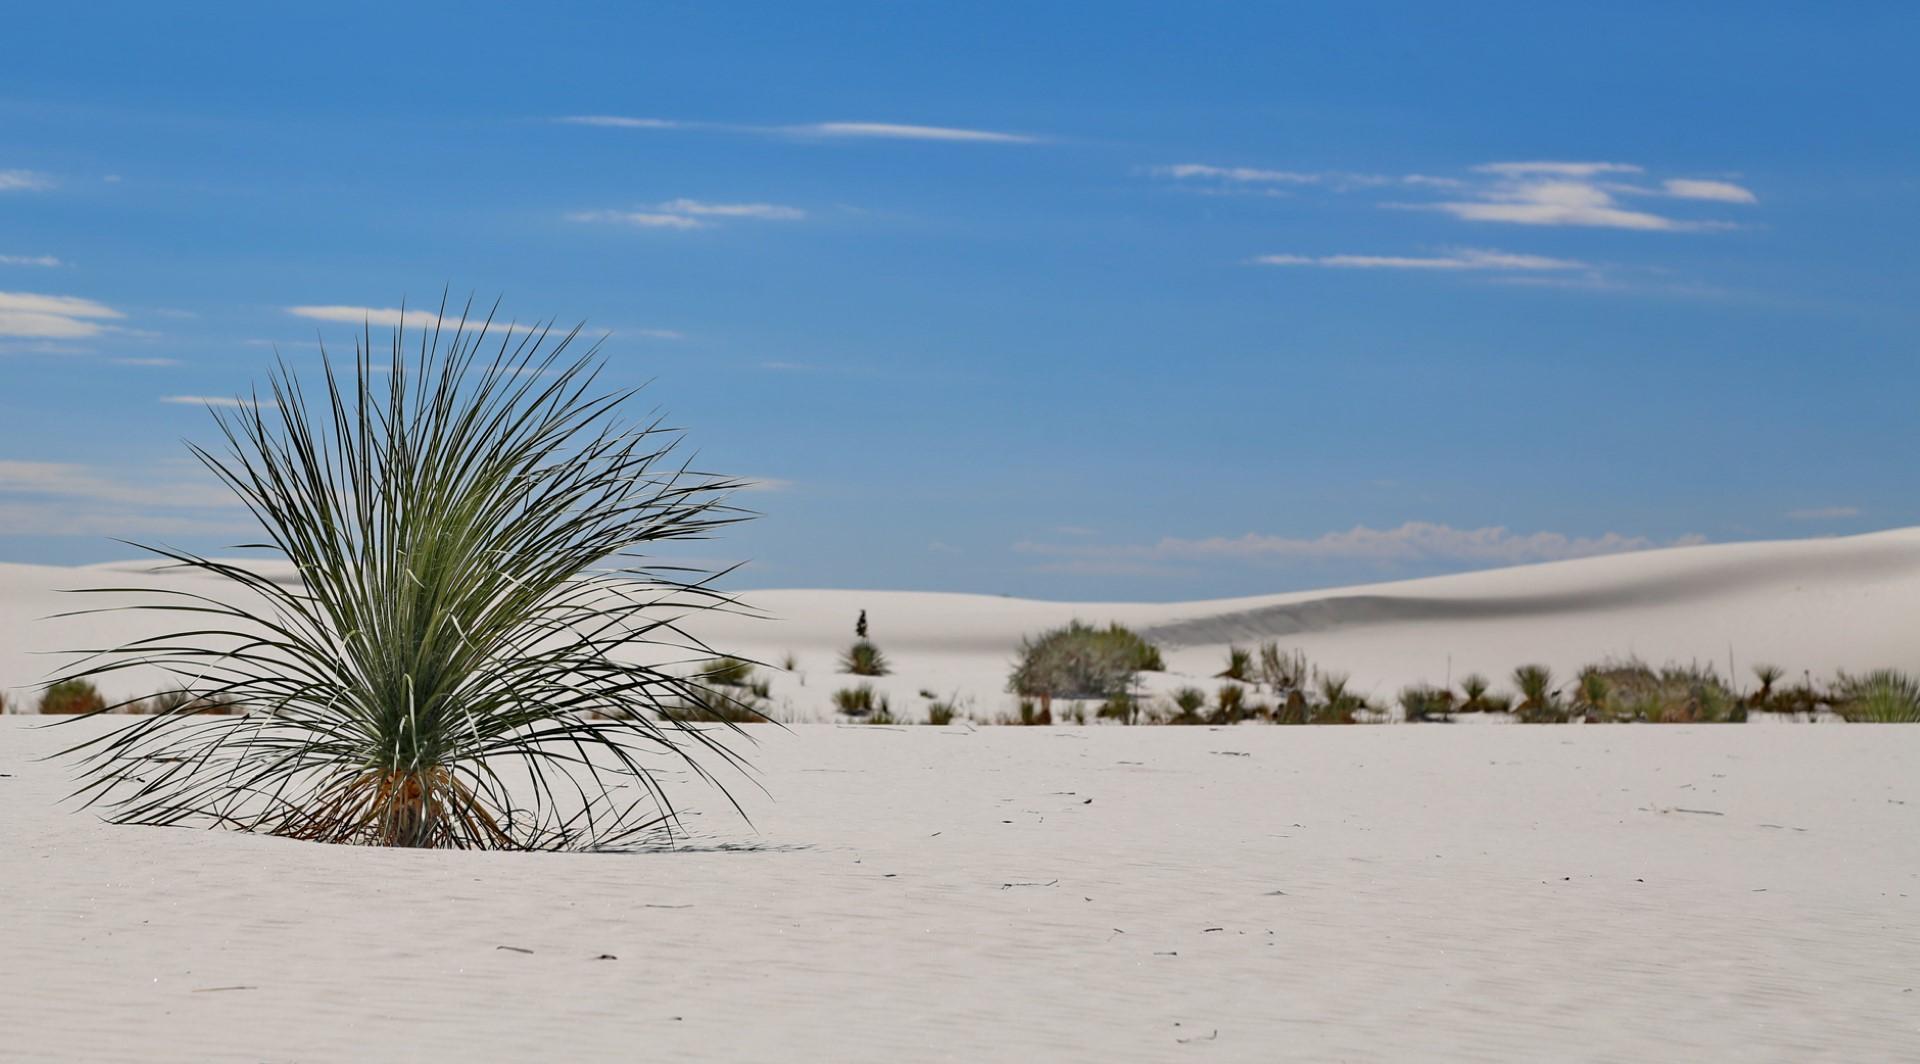 Il deserto White Sands e le sue dune bianche